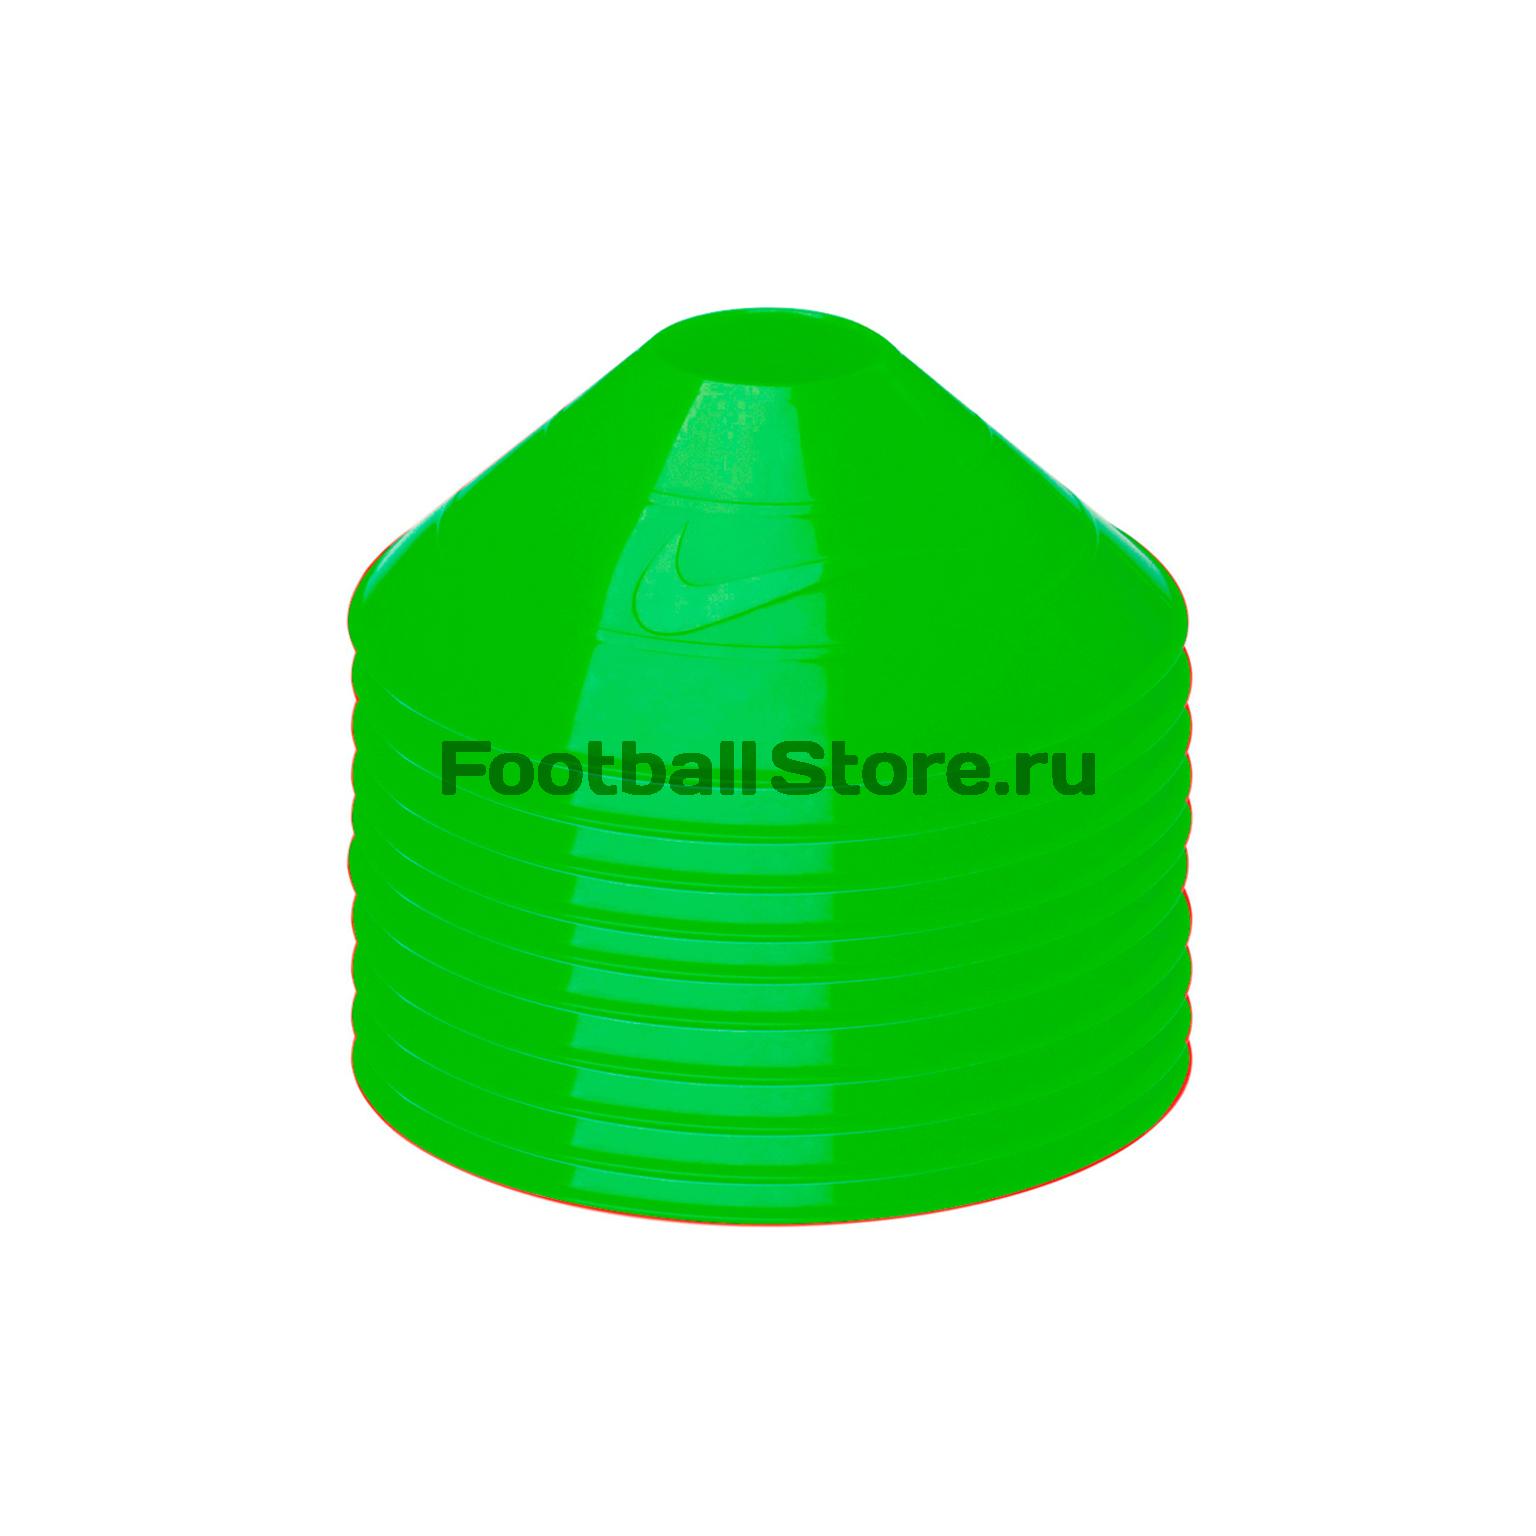 Спортинвентарь Nike Конусы Тренировочные Nike 10 Pack Training Cones N.SR.08.301.NS